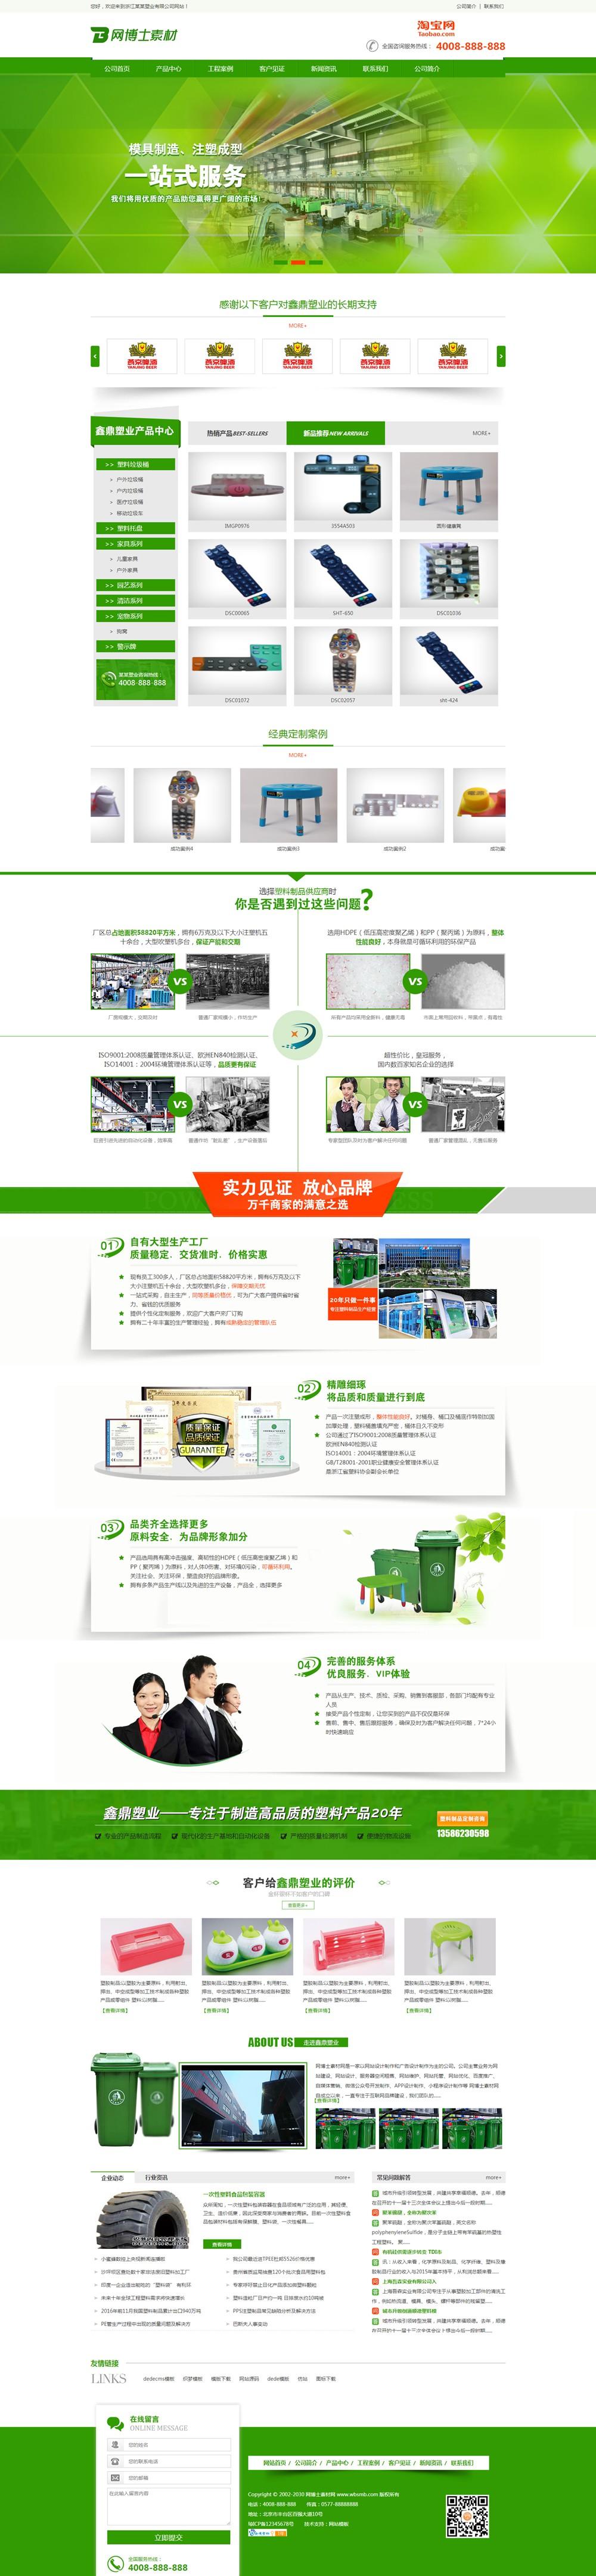 (带手机版数据同步)绿色营销型塑料制品类网站织梦模板 环保塑料垃圾桶生产企业网站